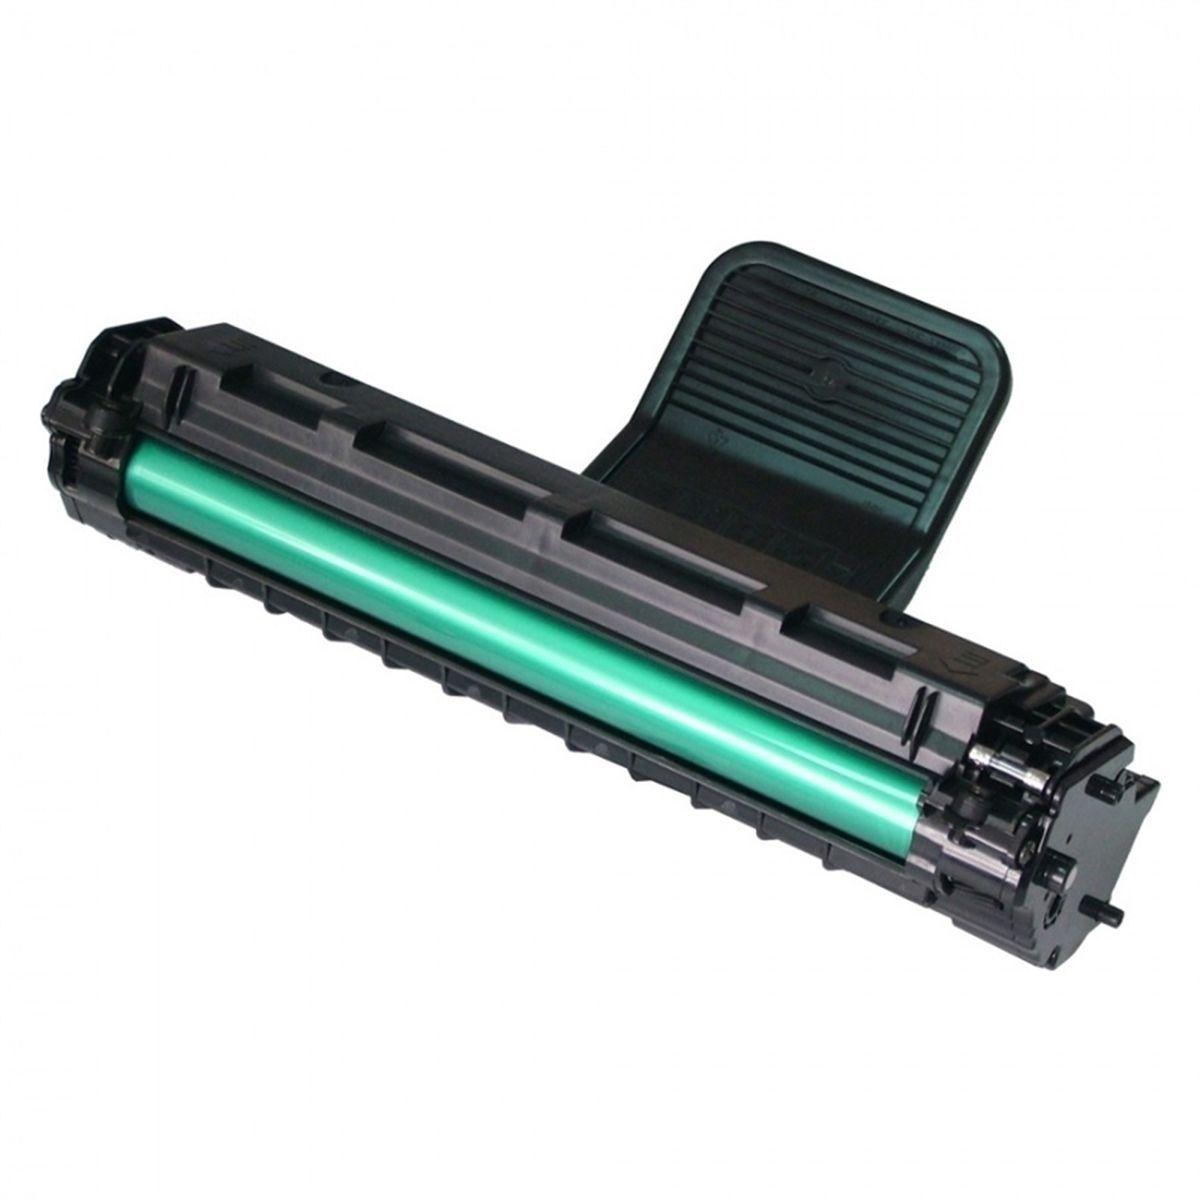 Toner compatível SAMSUNG SCX-D4725A/XAA SCX4725 SCX4725F SCX4725FN 2.000 Páginas - Cartucho & Cia